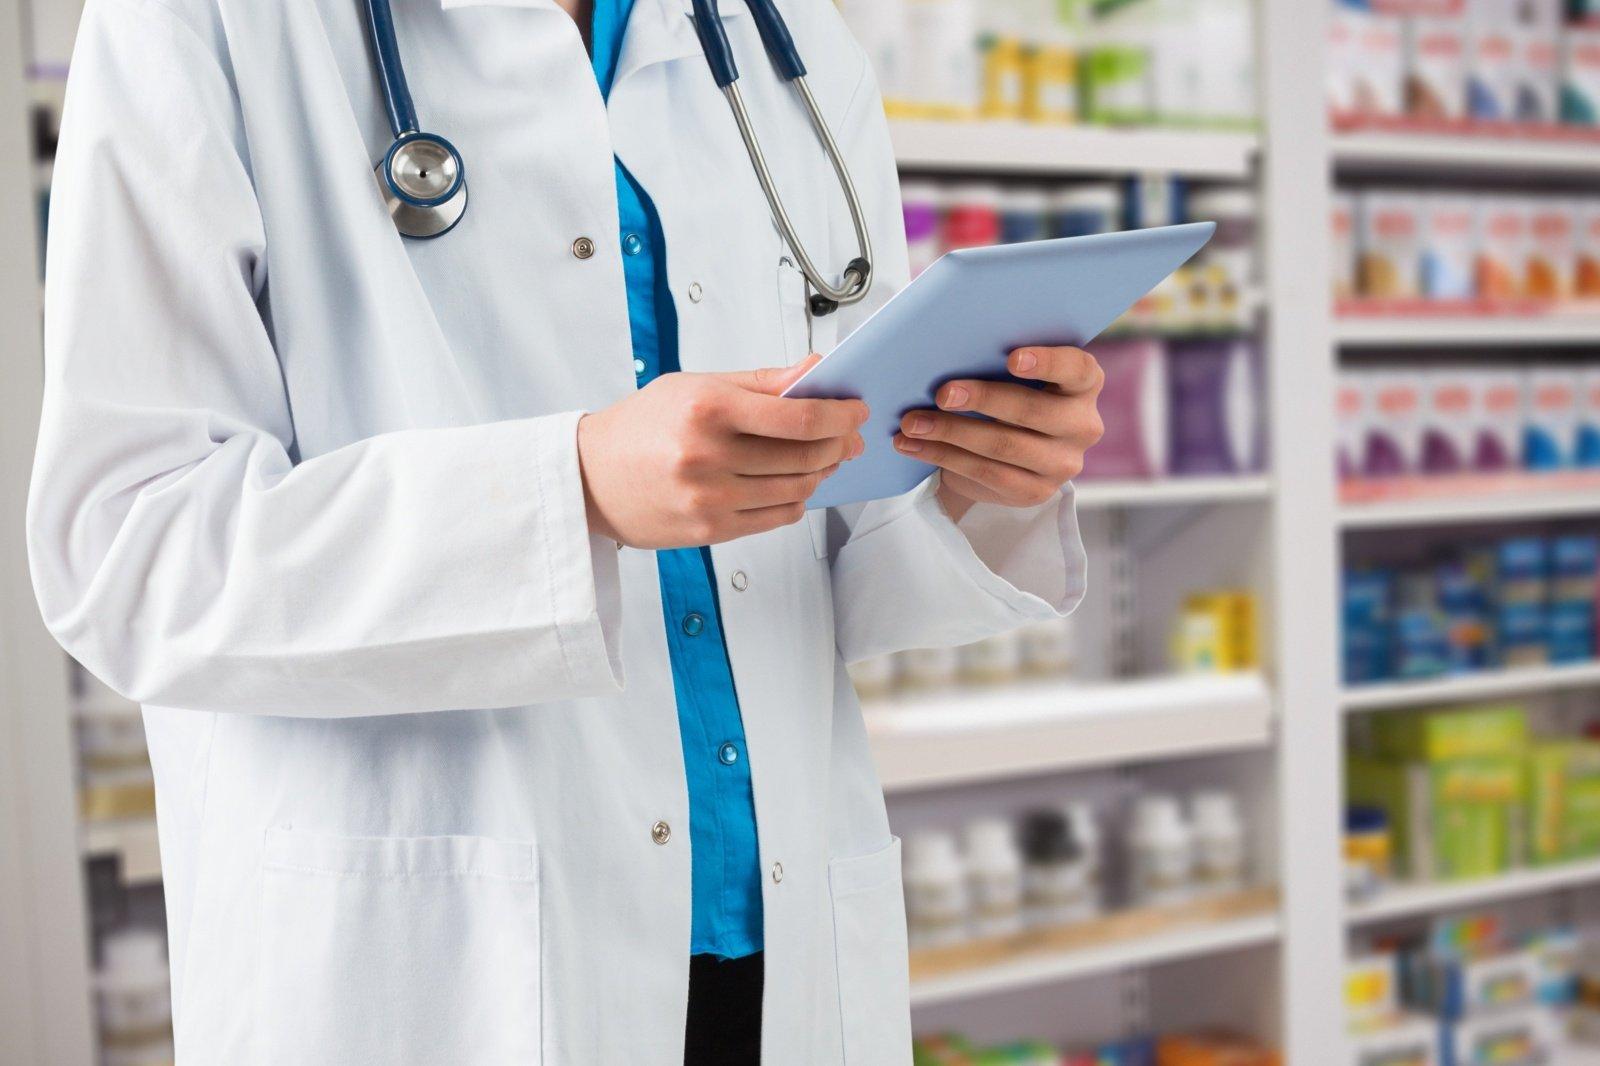 Senjorams – palankus siūlymas: nemokami vaistai nuo 70 metų